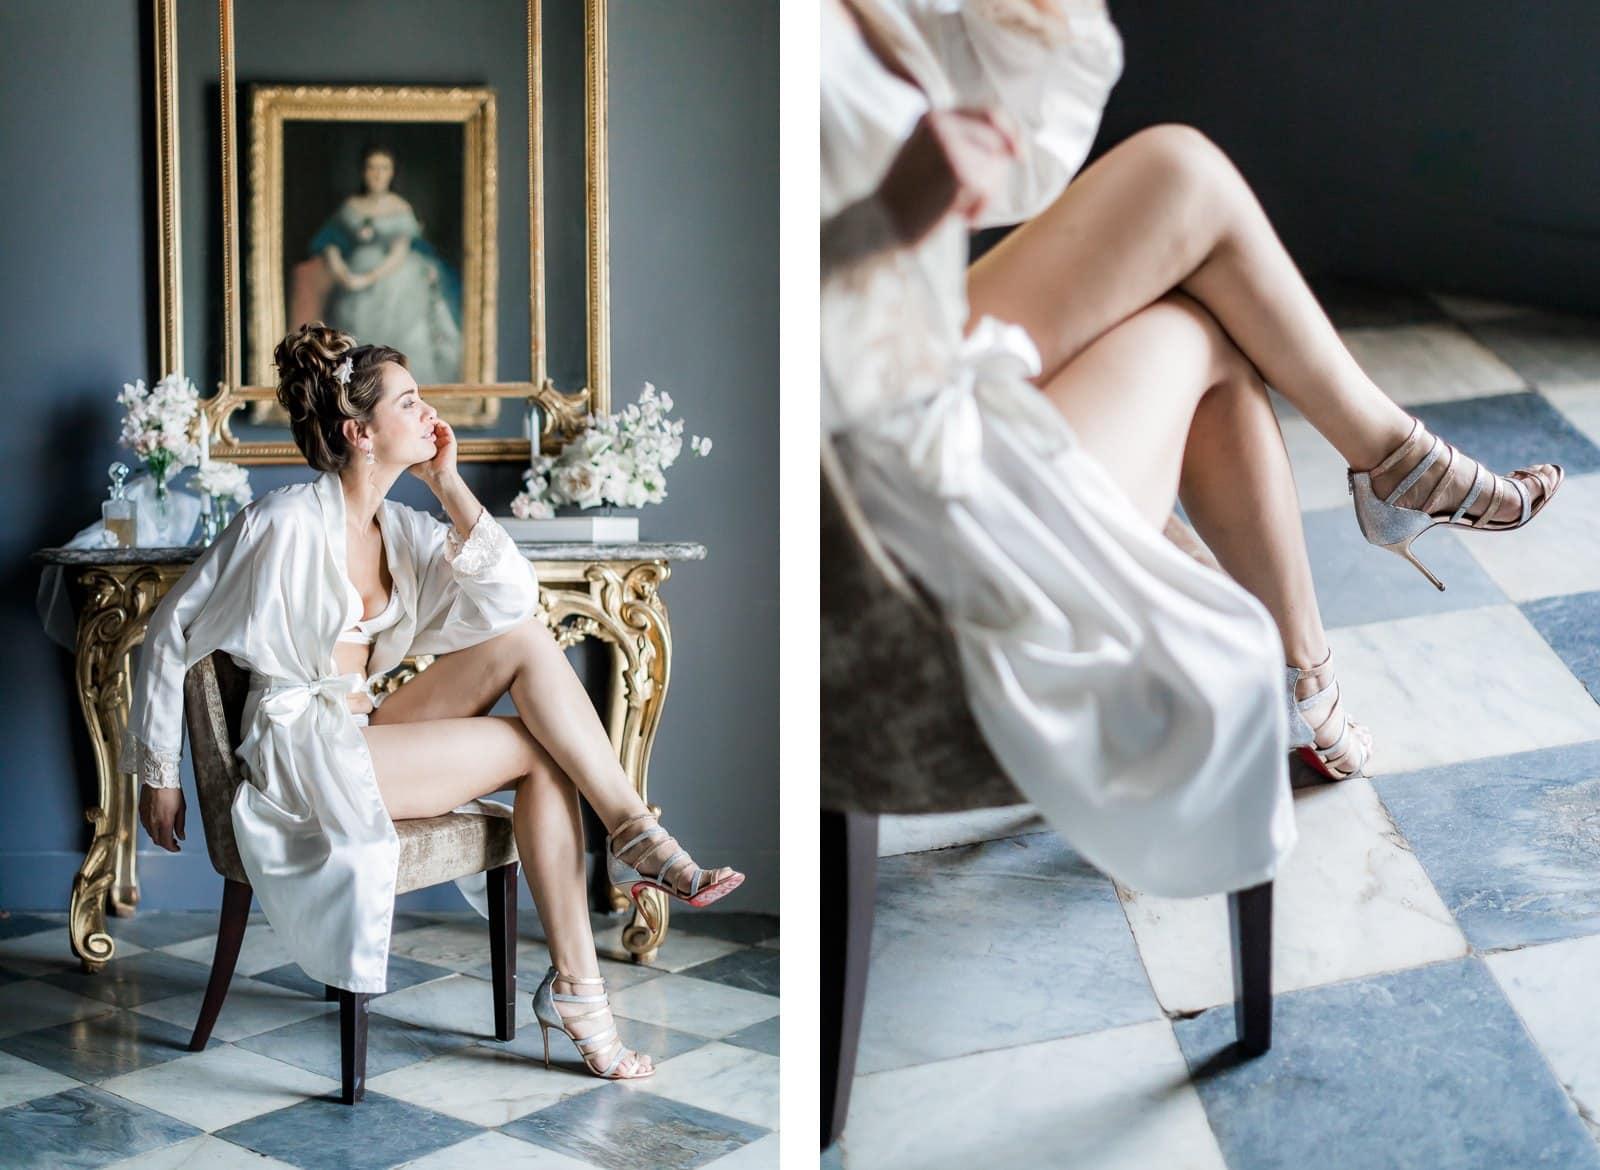 Photographie de Mathieu Dété présentant des portraits de la mariée pendant ses préparatifs à l'intérieur de la Villa Brignac à Ollioules